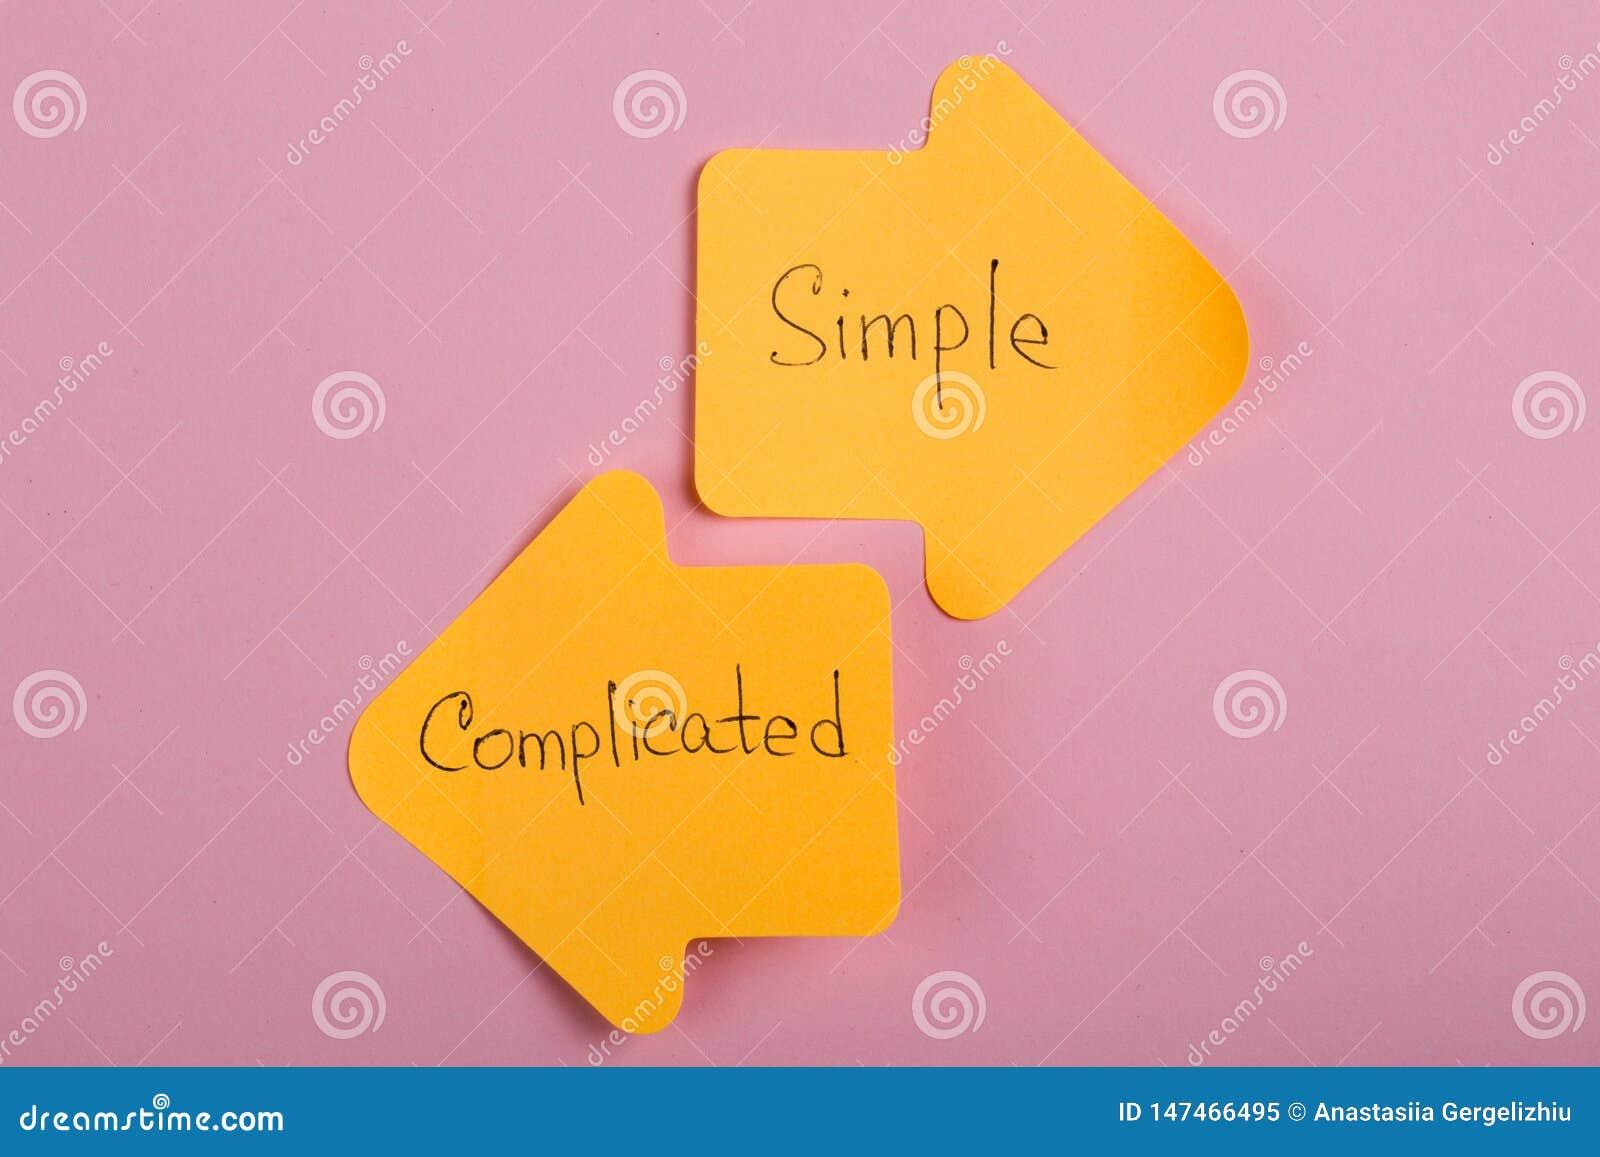 Opci?n de la vida - etiquetas engomadas anaranjadas bajo la forma de flechas del ?ndice con el texto complicado y simple en fondo